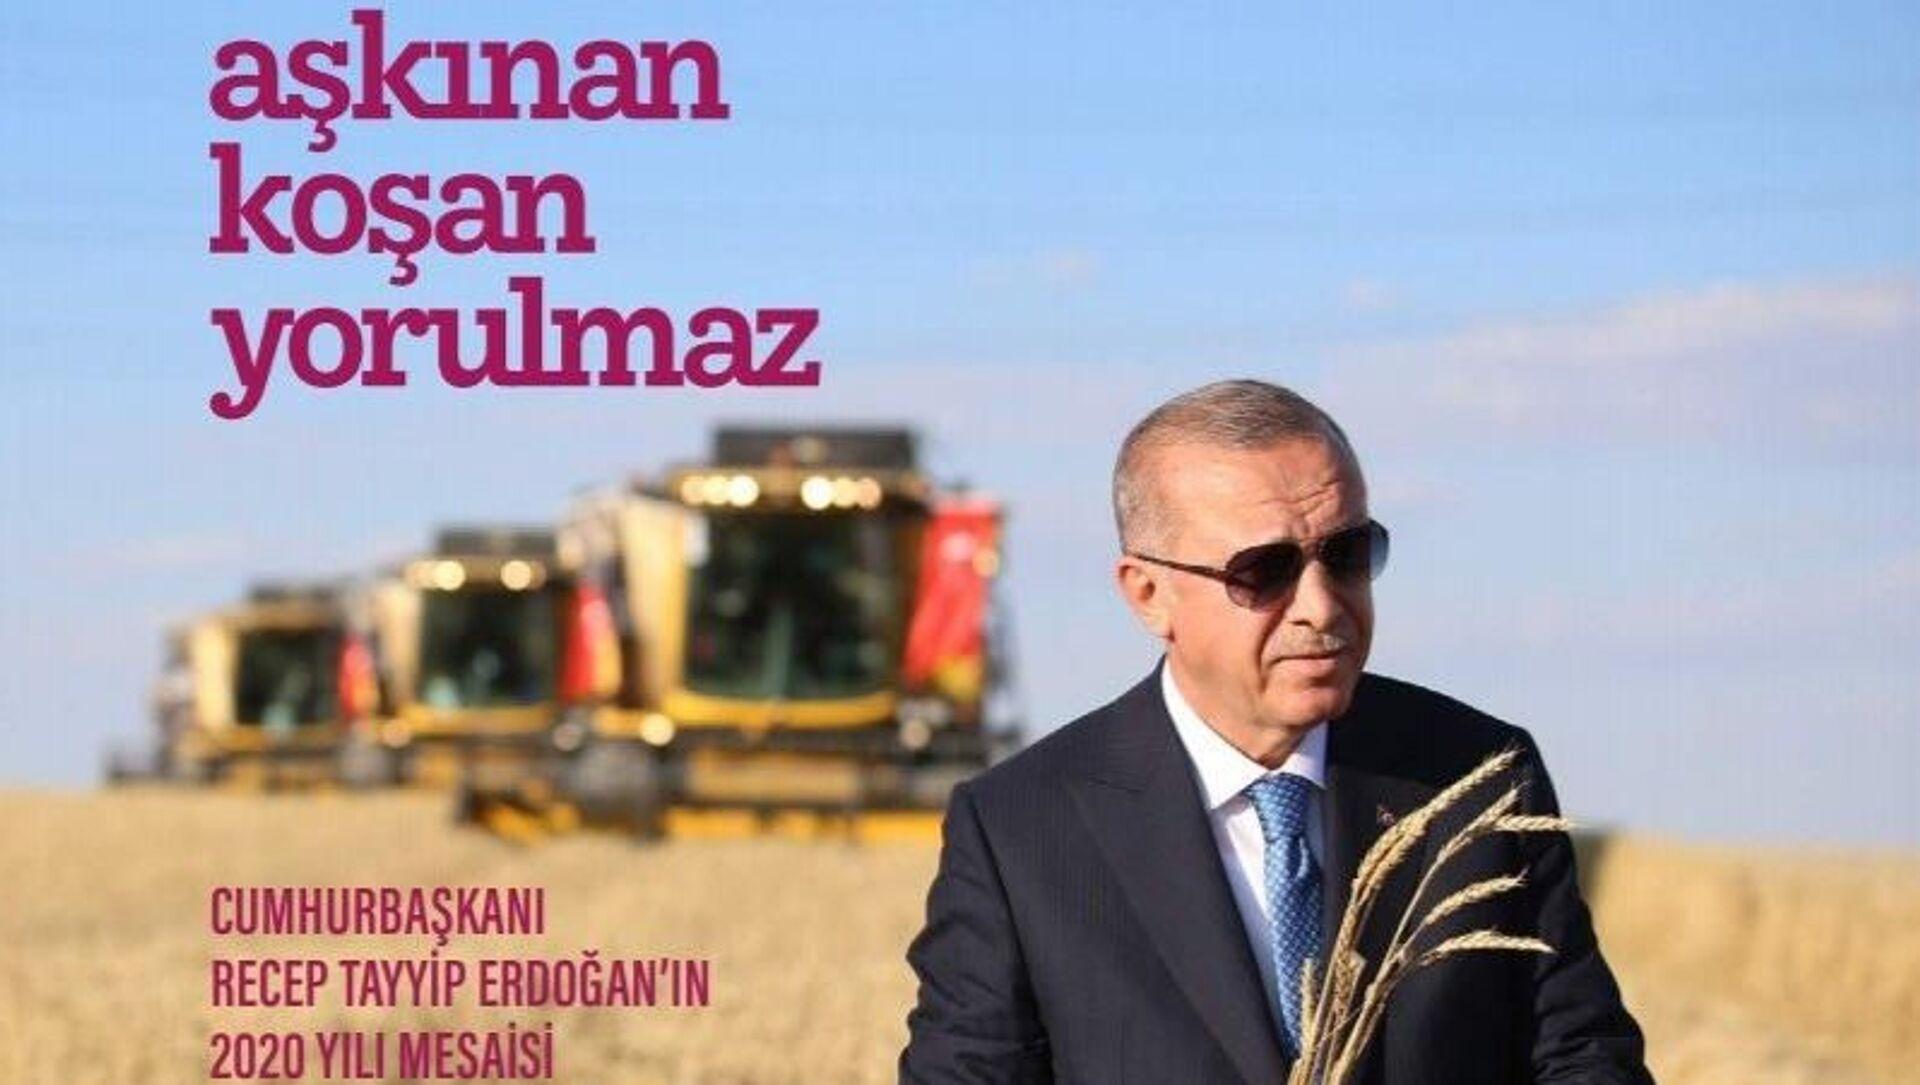 Cumhurbaşkanı Recep Tayyip Erdoğan'ın 2020 yılındaki mesaisi 'Aşkınan Koşan Yorulmaz' isimli kitapta anlatıldı. - Sputnik Türkiye, 1920, 07.05.2021